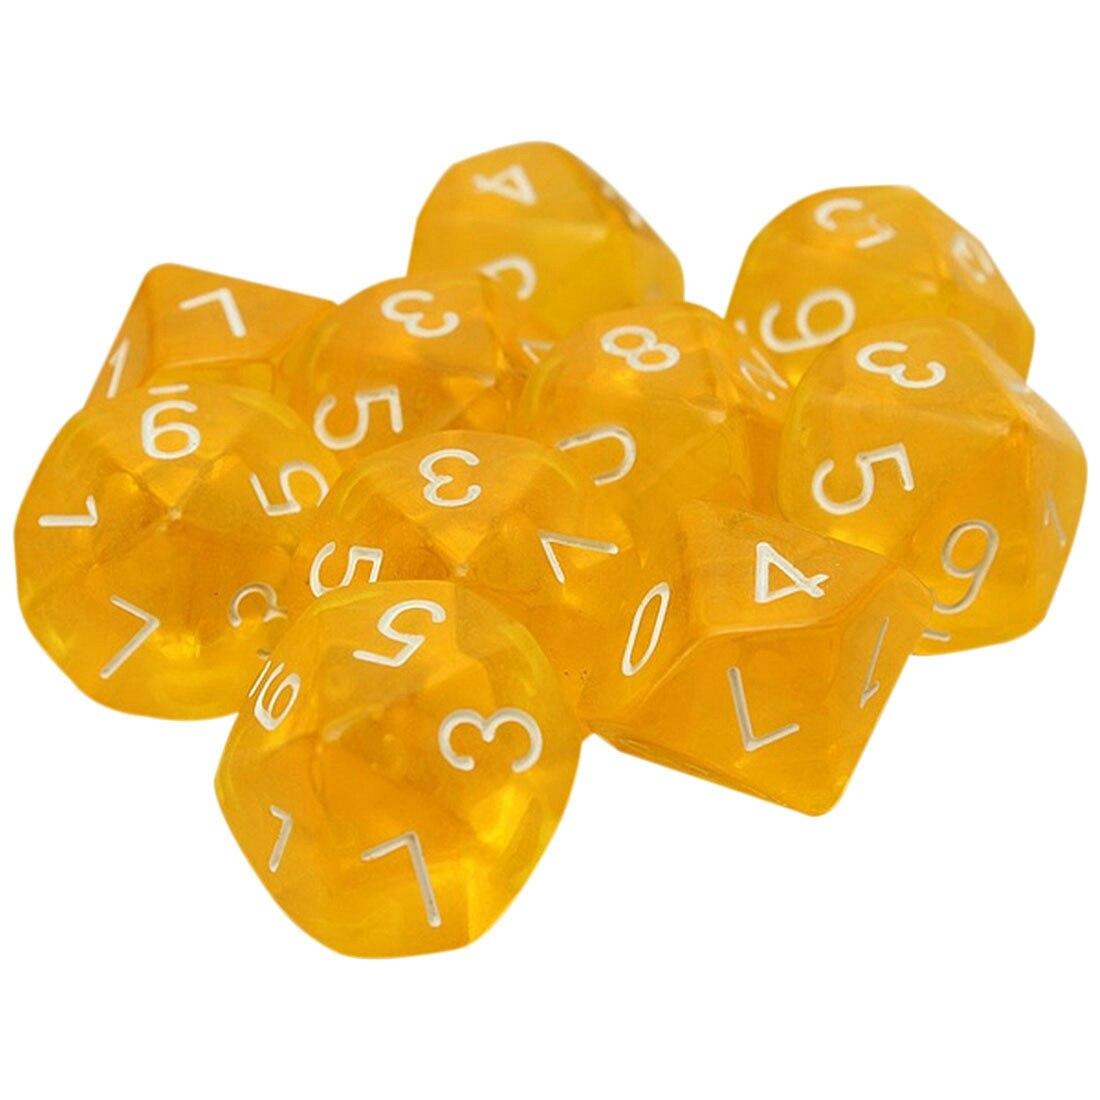 [해외]10-dices d10 10 양면 보석 주사위 rpg 던전 & 드래곤즈 보드 테이블 게임 투명 옐로우/10-dices d10 10 양면 보석 주사위 rpg 던전 & 드래곤즈 보드 테이블 게임 투명 옐로우